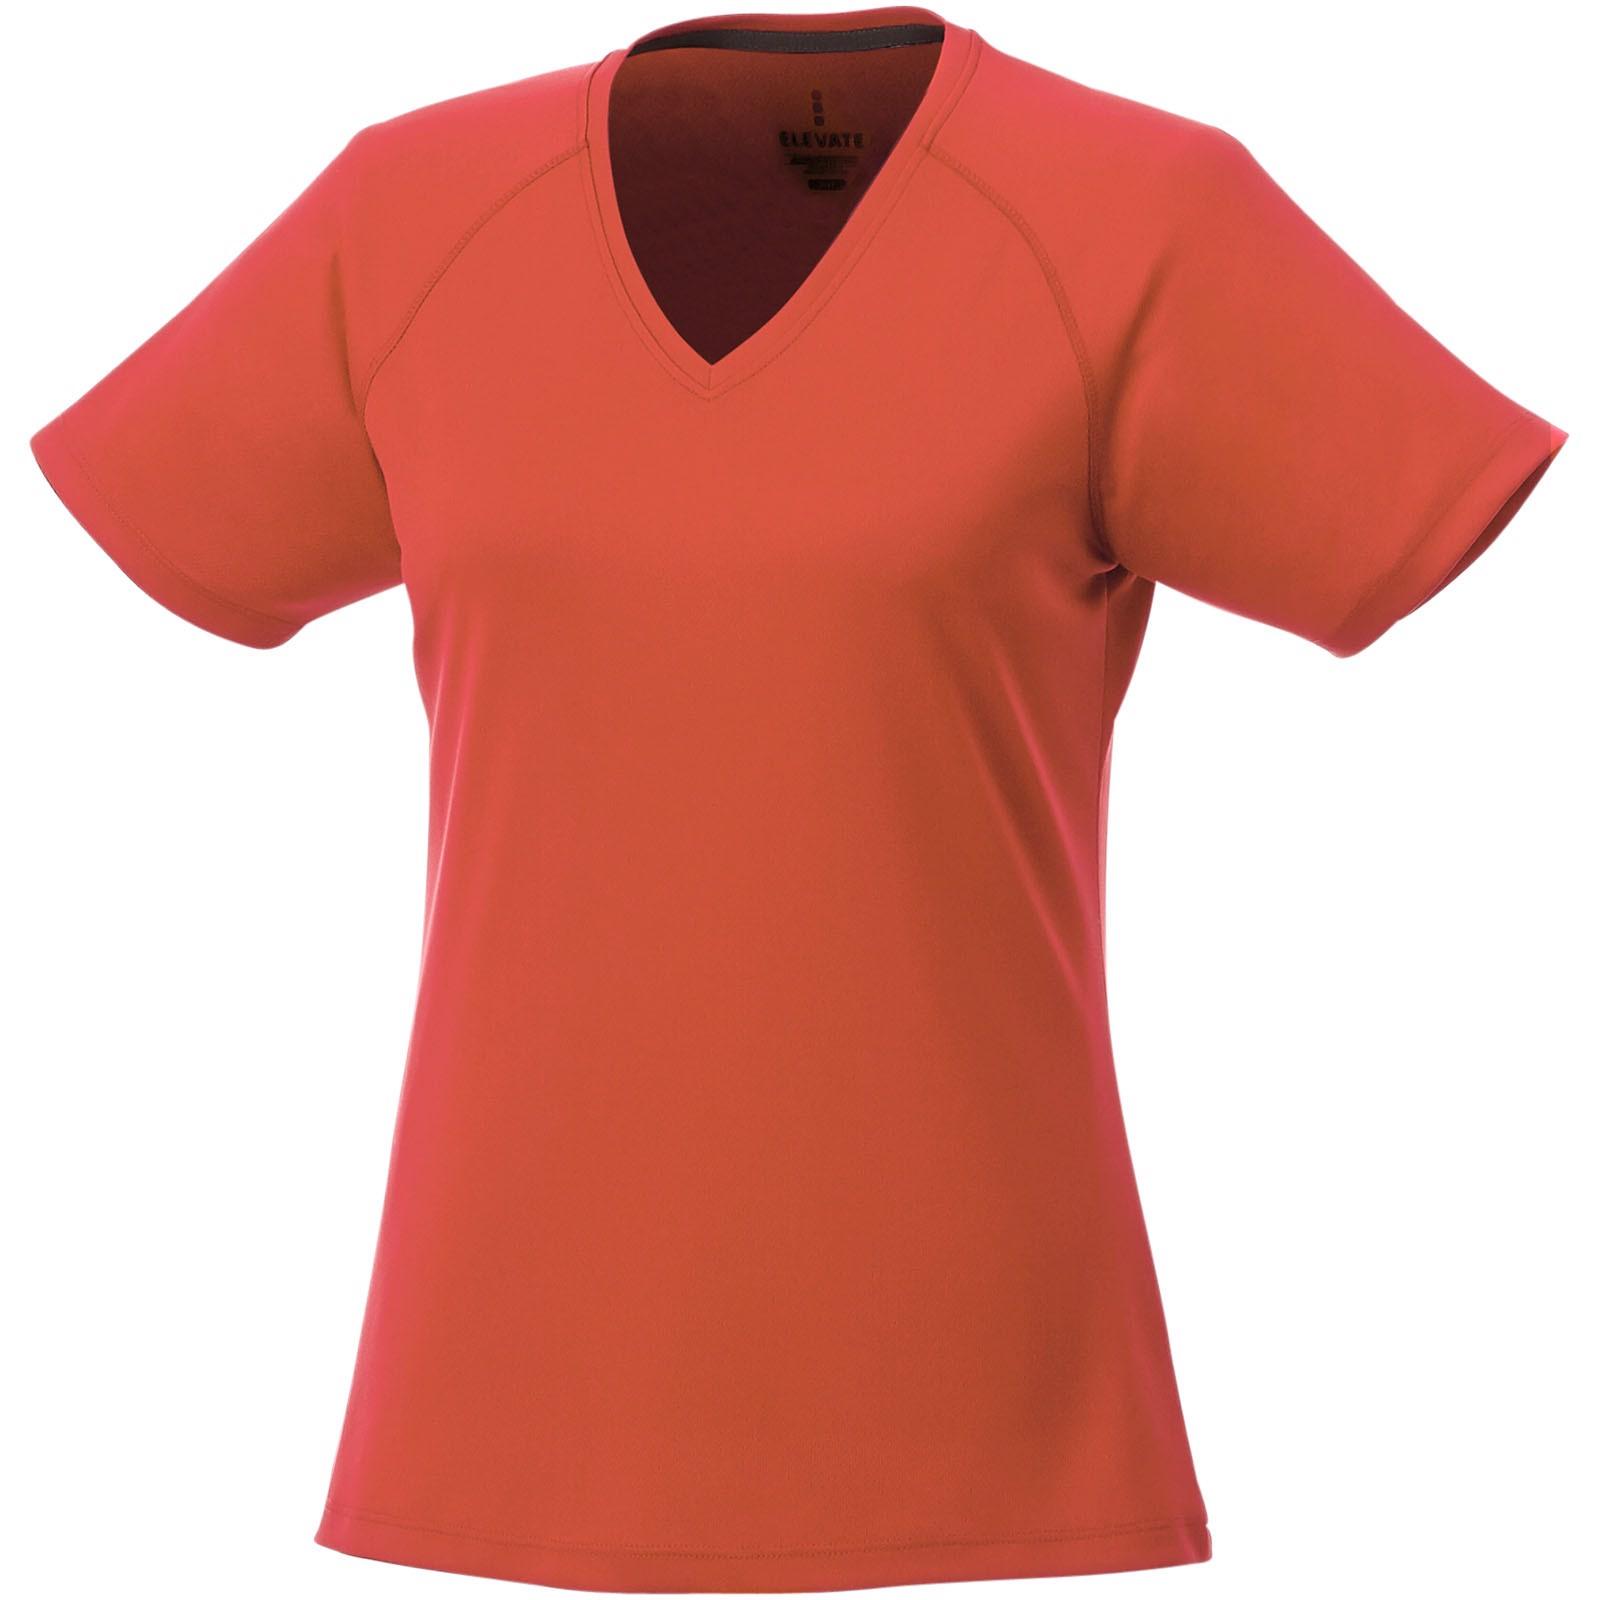 Amery dámské cool fit v-neck tričko s krátkým rukávem - 0ranžová / XL